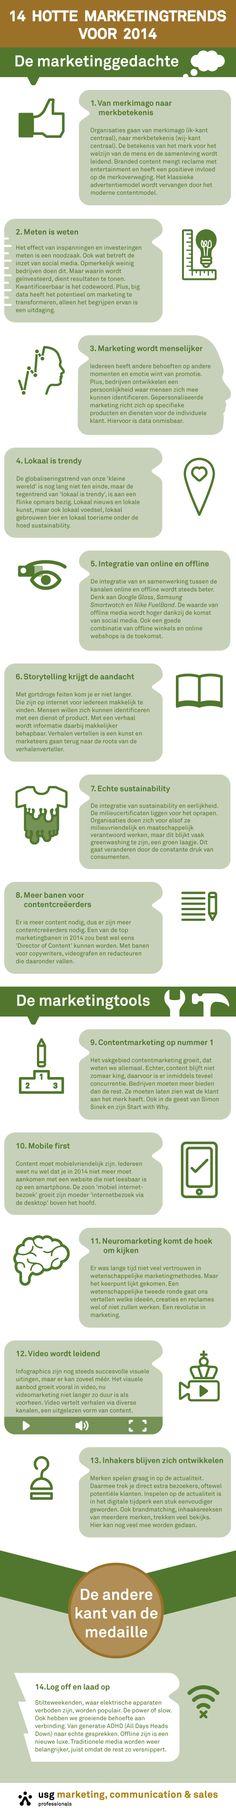 14 hotte marketingtrends voor 2014   Marketingfacts